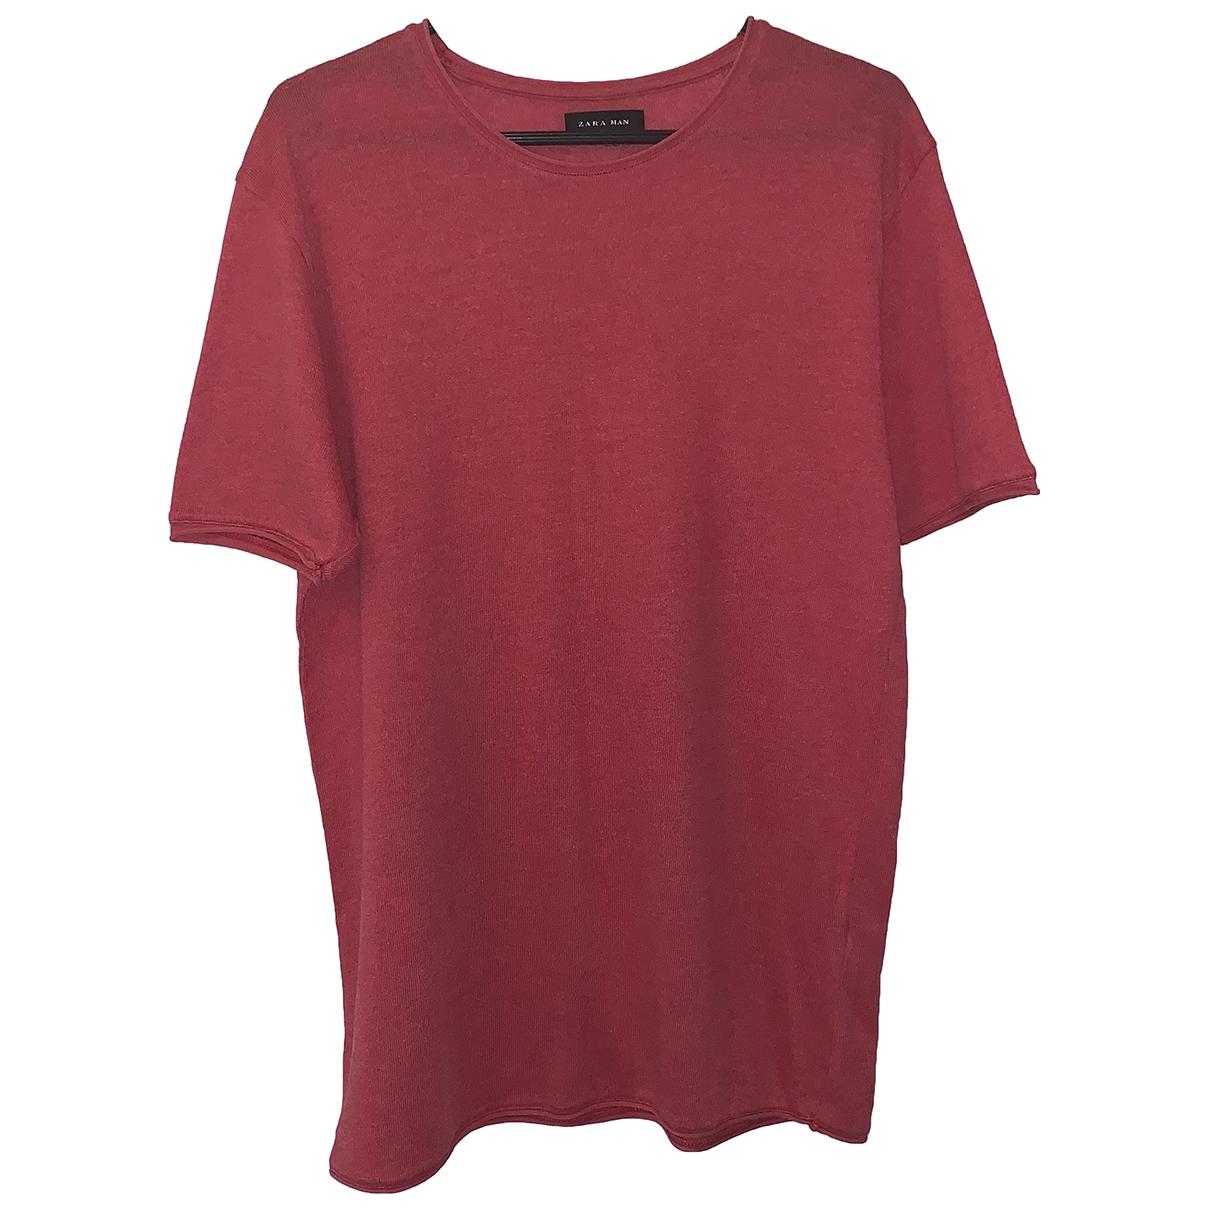 Zara - Tee shirts   pour homme en coton - rouge